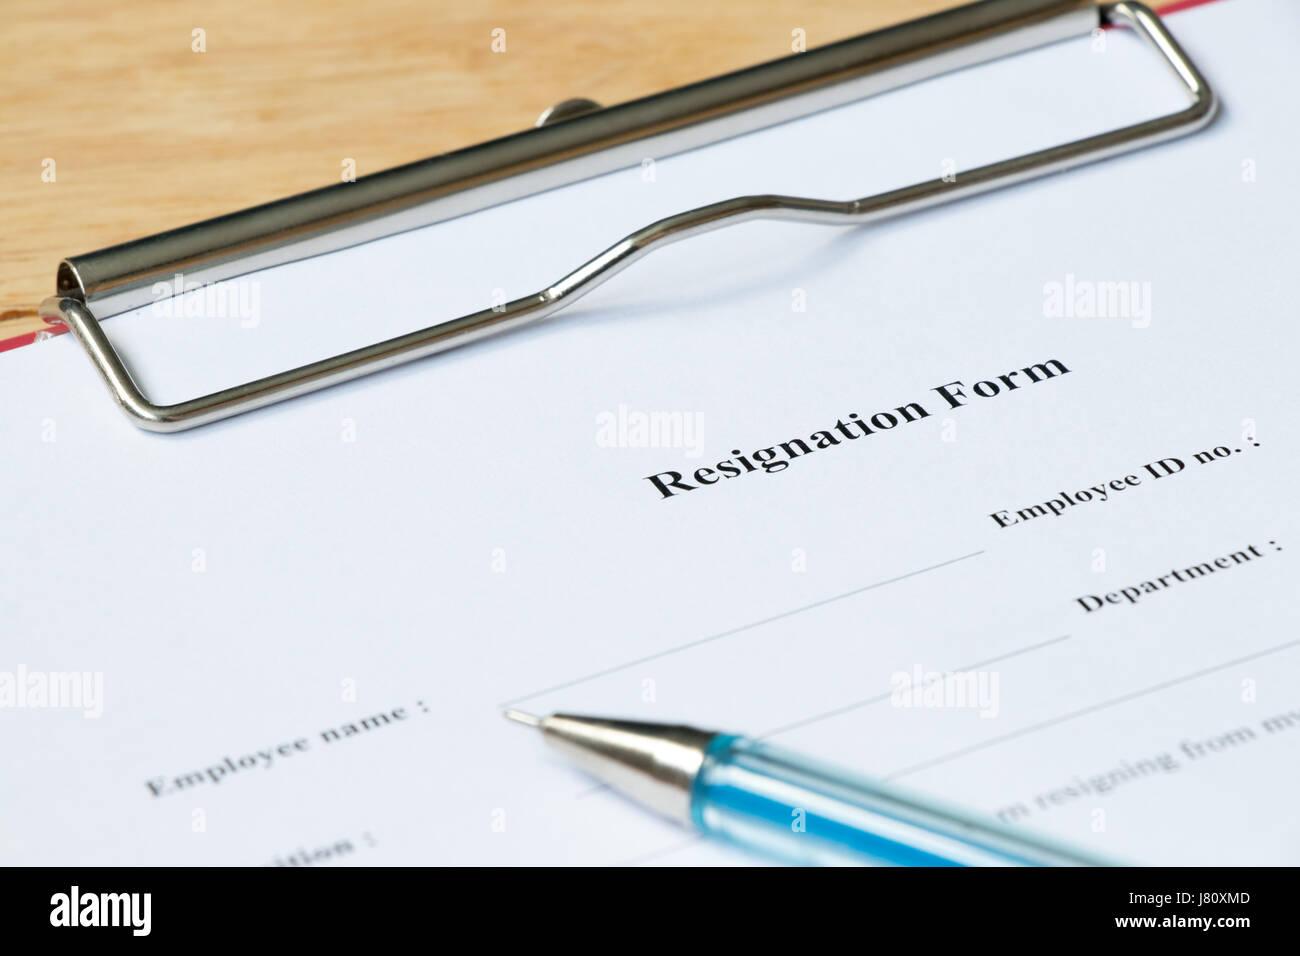 Resignation form on wood desk background stock photo 142621149 alamy resignation form on wood desk background altavistaventures Images